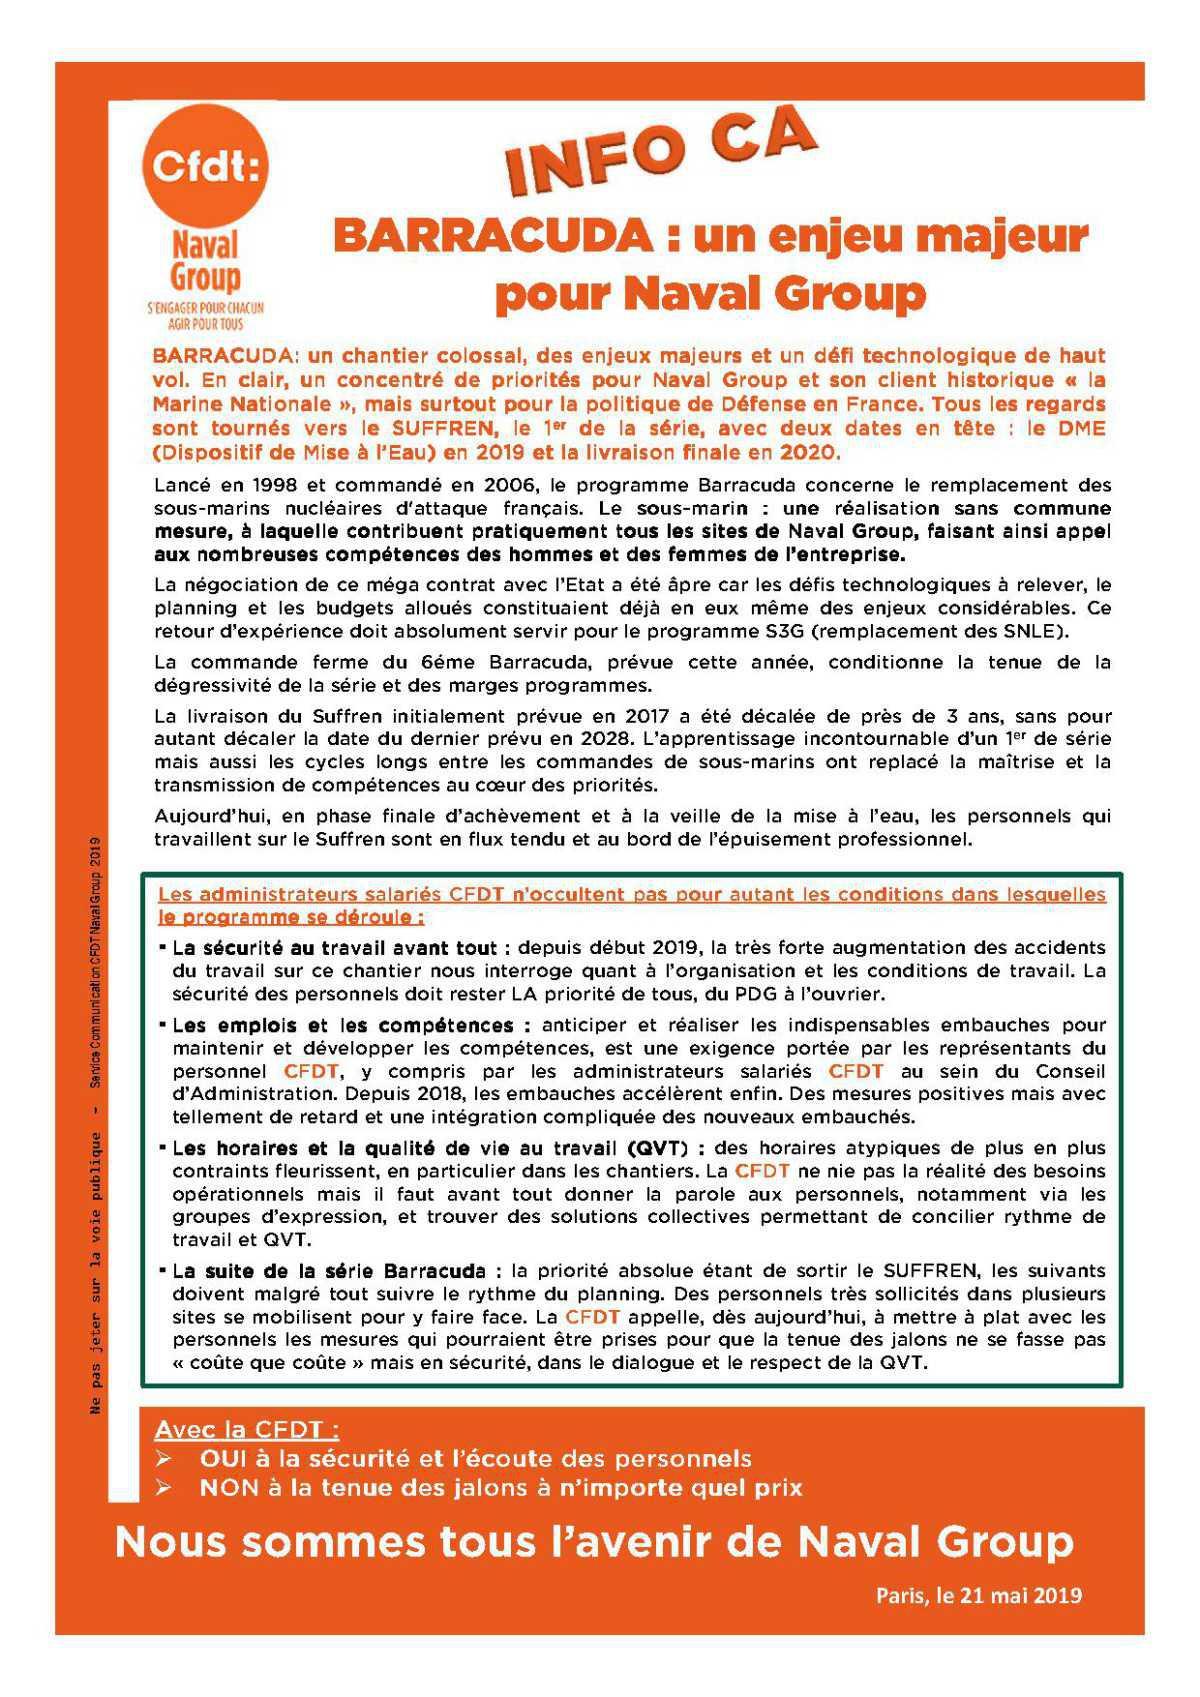 BARRACUDA : un enjeu majeur pour Naval Group